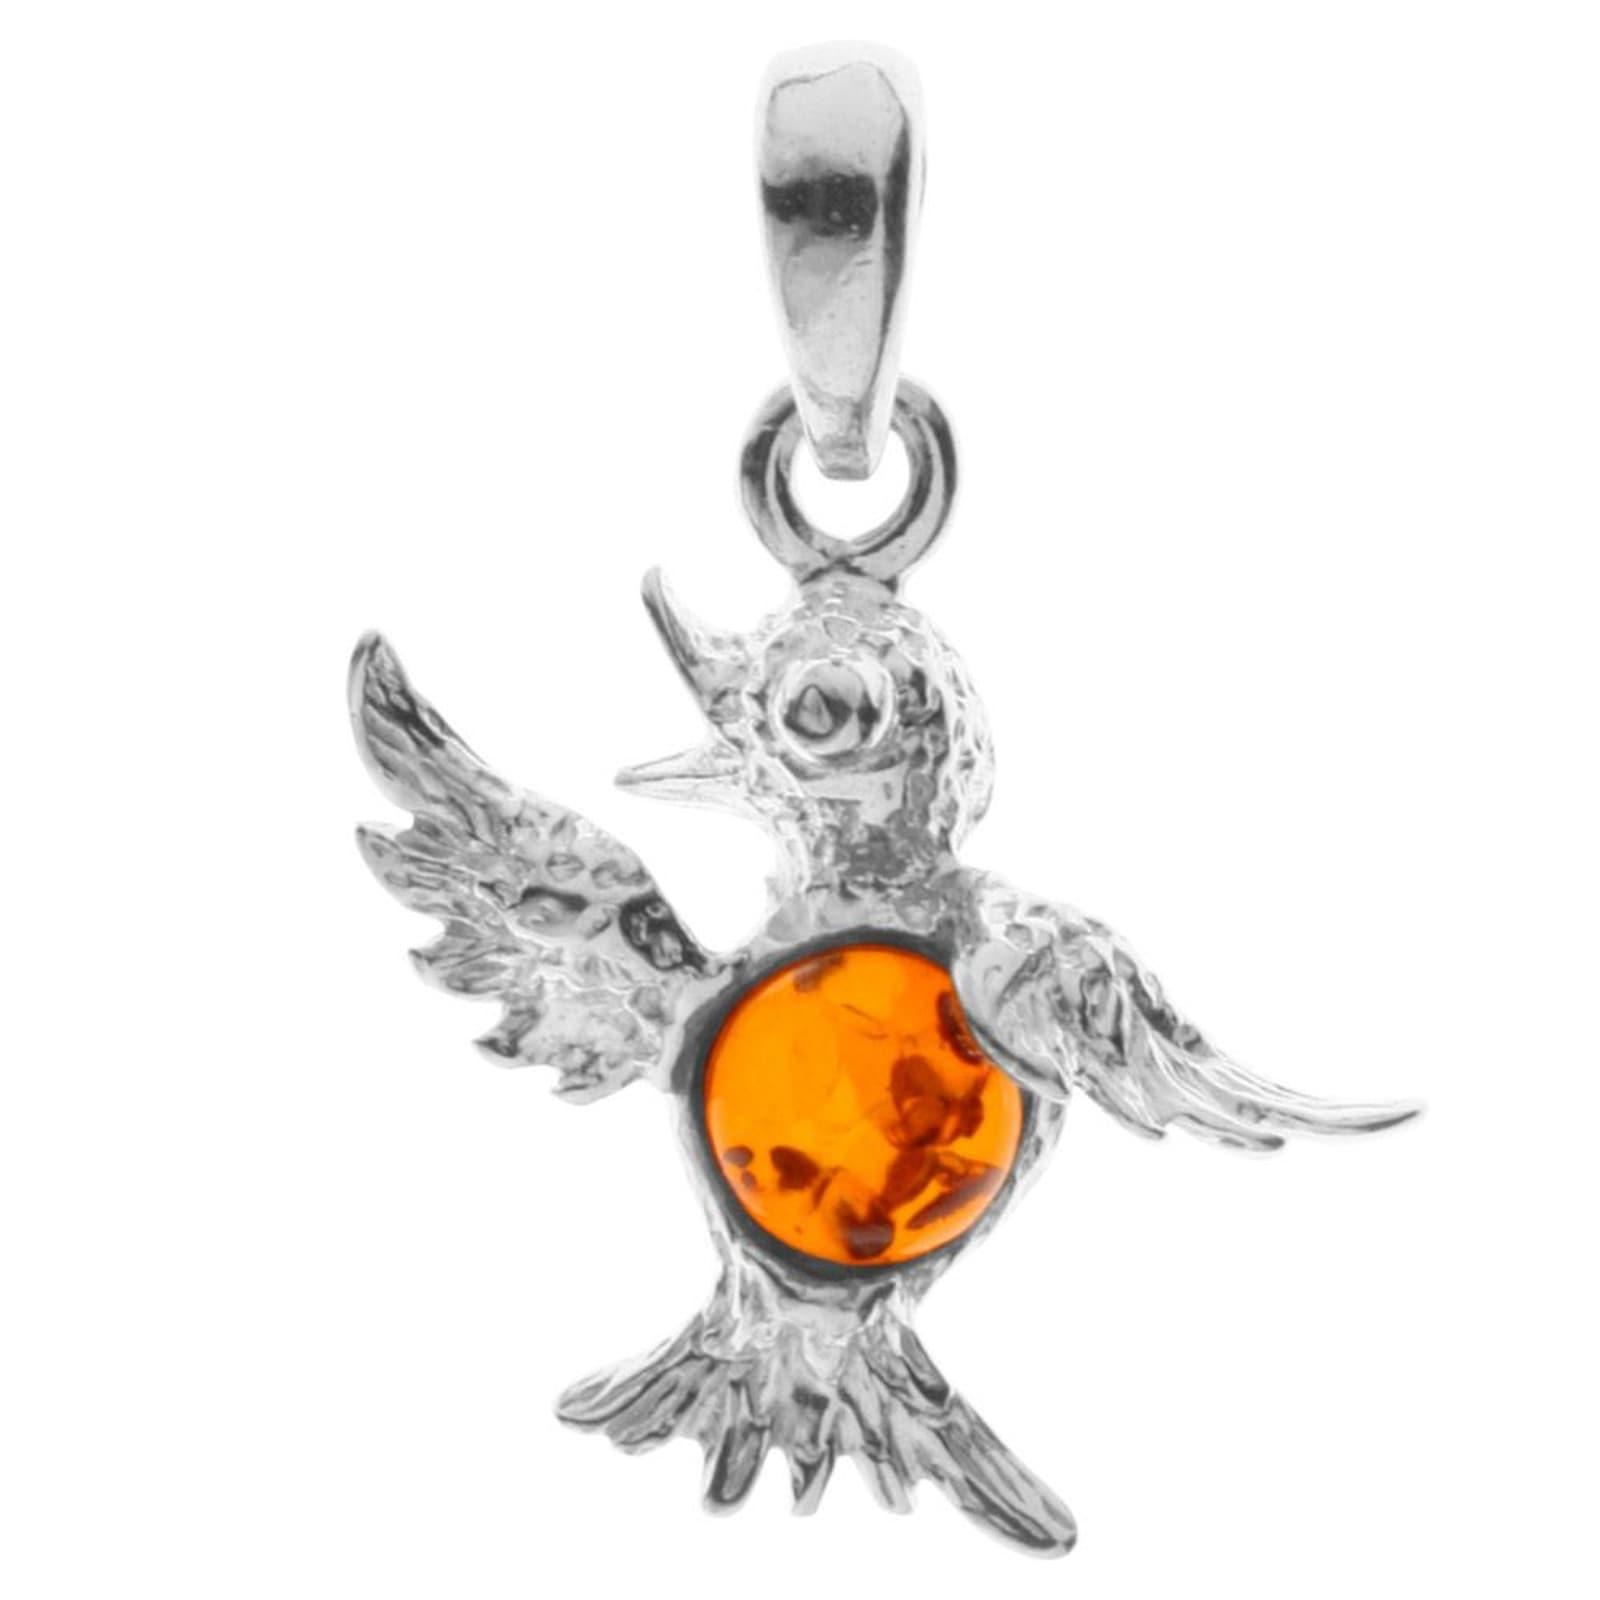 OSTSEE-SCHMUCK Kettenanhänger Kolibri Silber 925/000 Bernstein | Schmuck > Halsketten > Silberketten | Ostsee-Schmuck